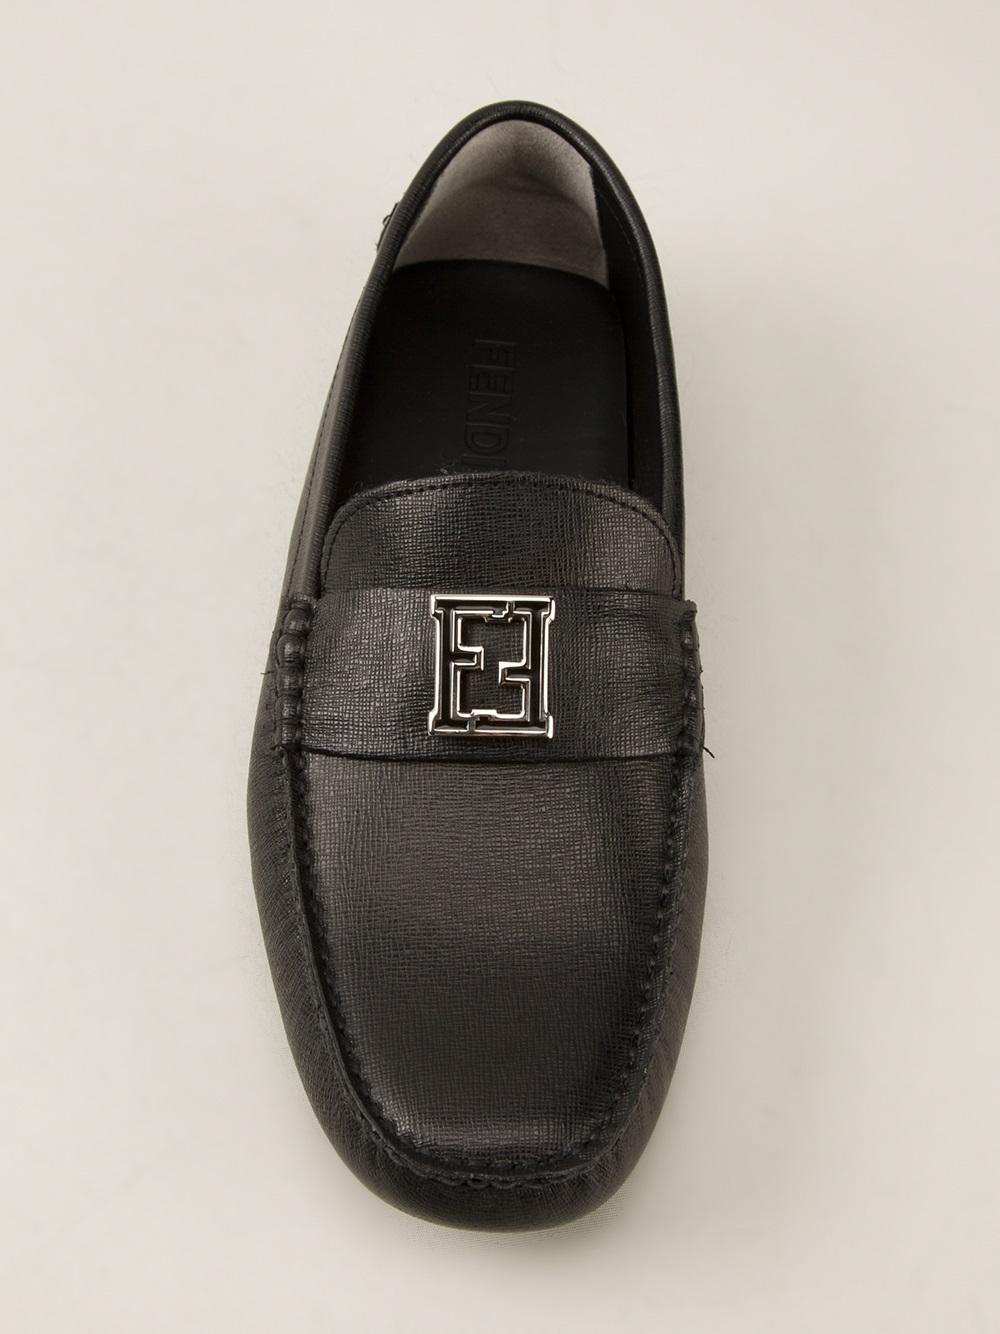 e1a2e4ad320 Lyst fendi logo detail loafer in black for men jpg 1000x1334 Fendi loafers